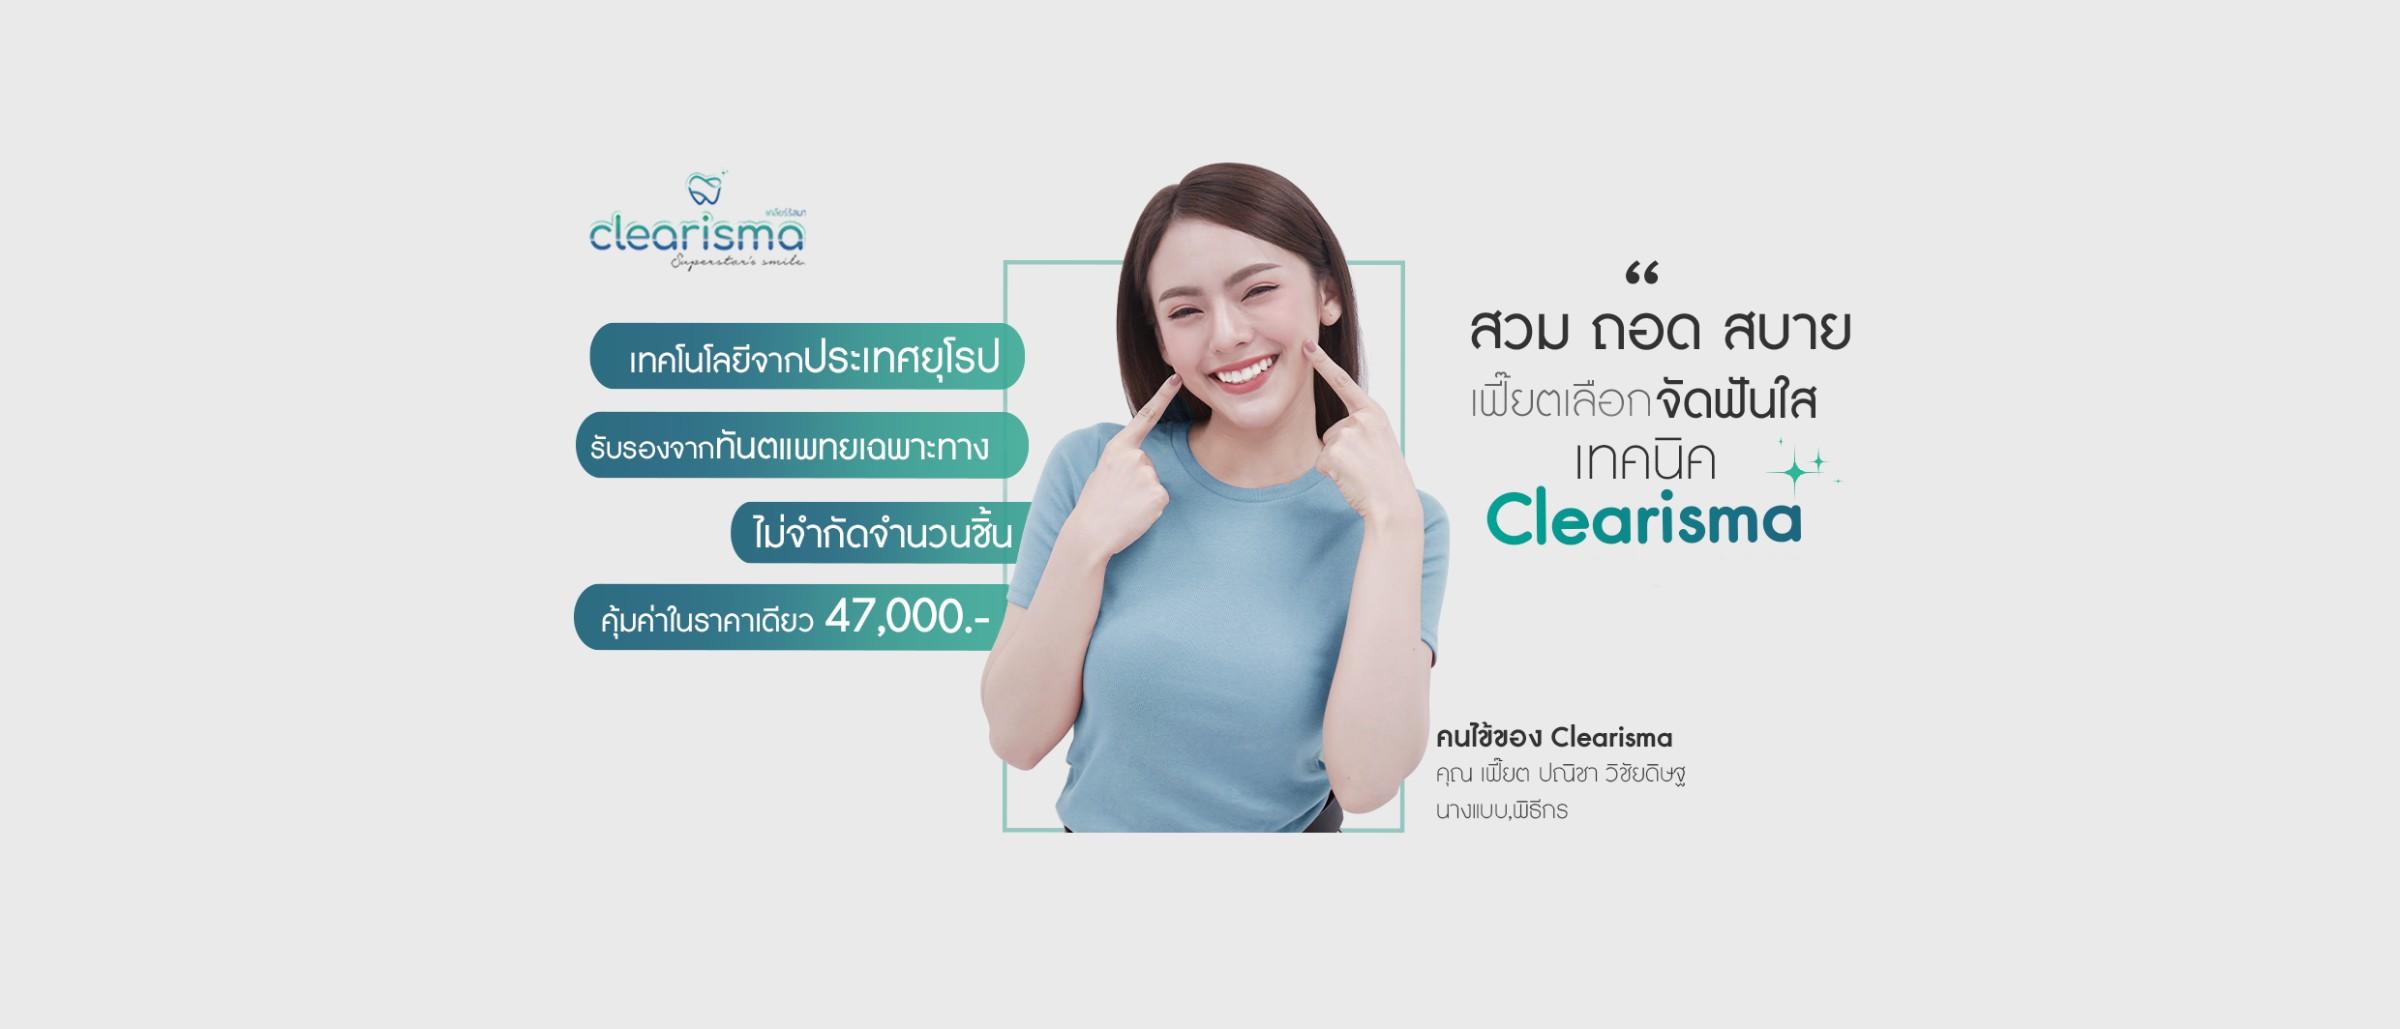 clearisma